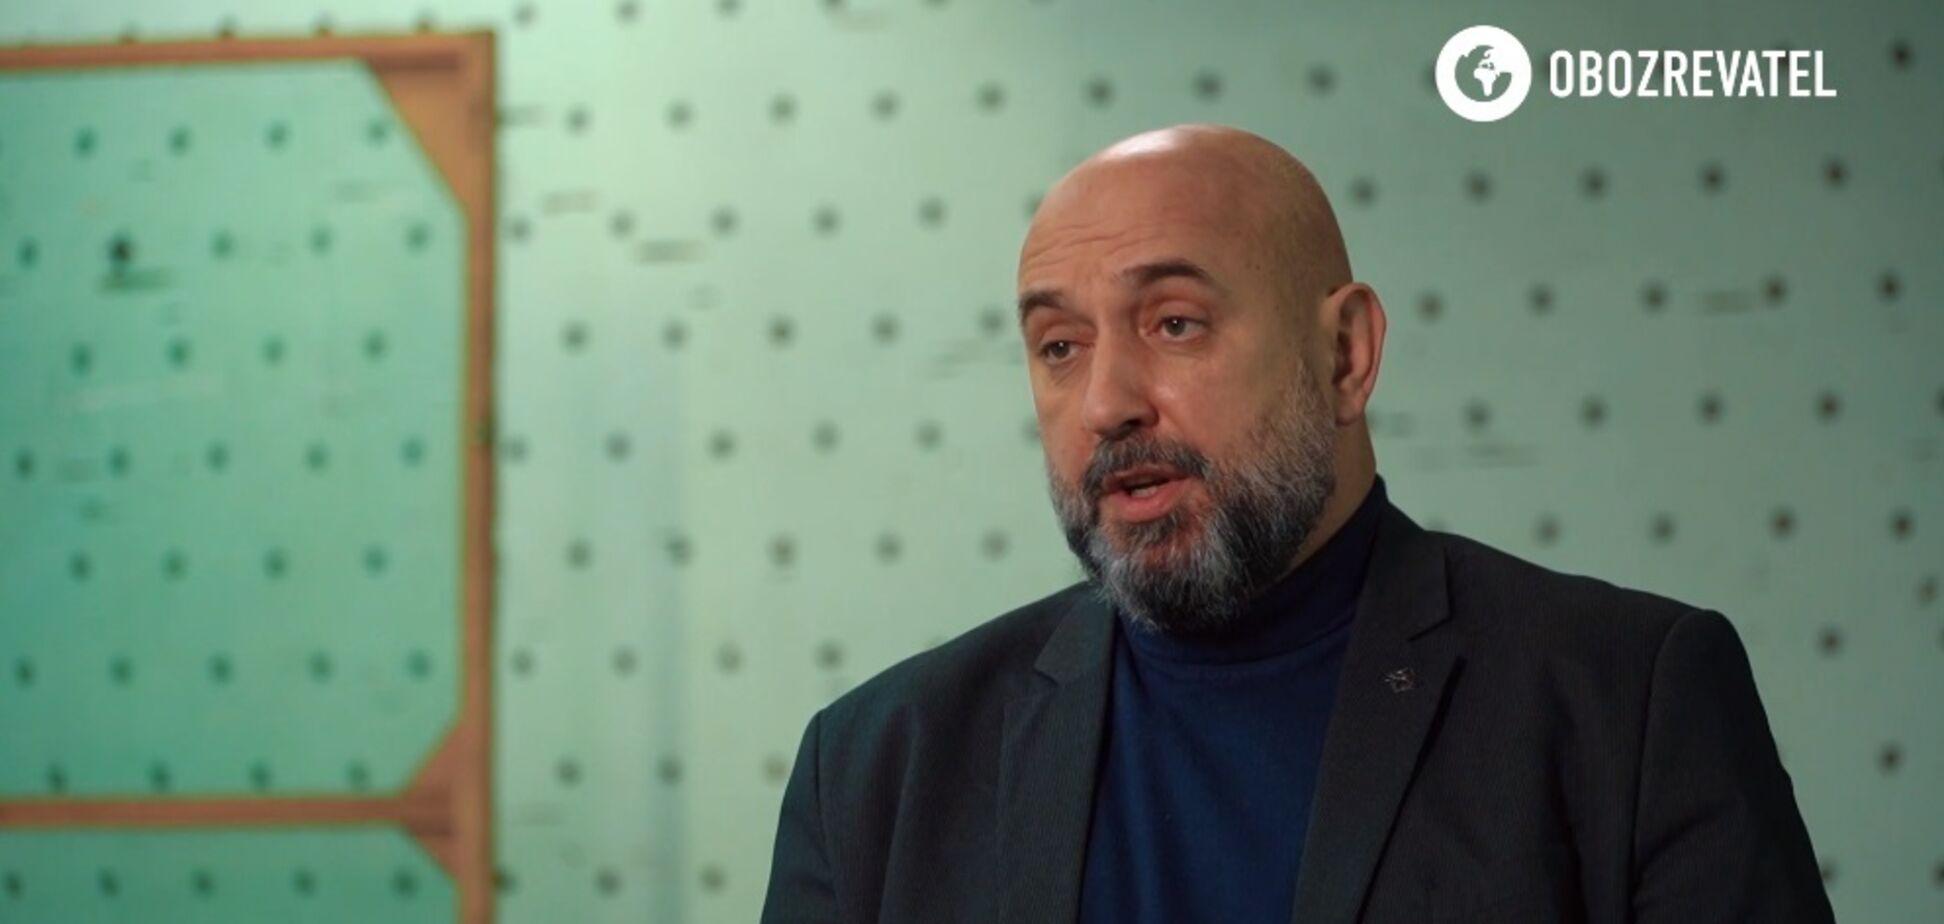 Генерал ЗСУ дав Зеленському пораду щодо війни на Донбасі й діалогу з Путіним